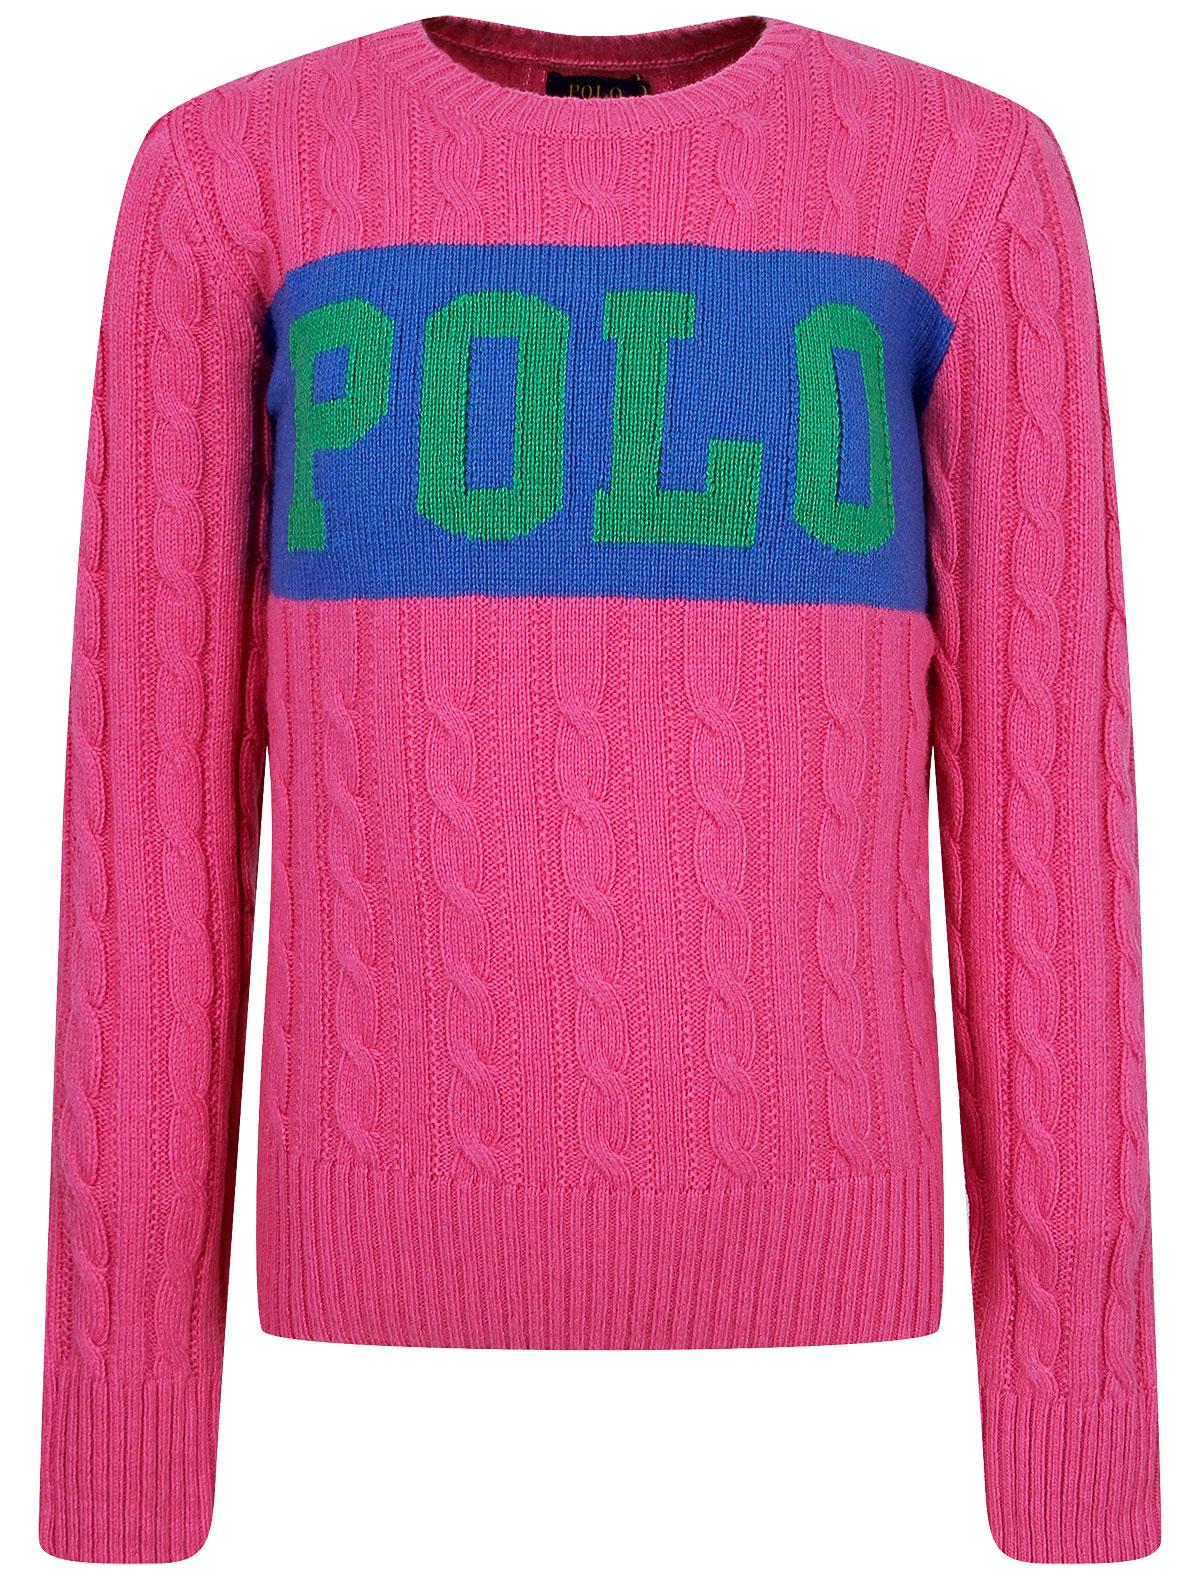 Купить 2252080, Джемпер Ralph Lauren, розовый, Женский, 1264509081840